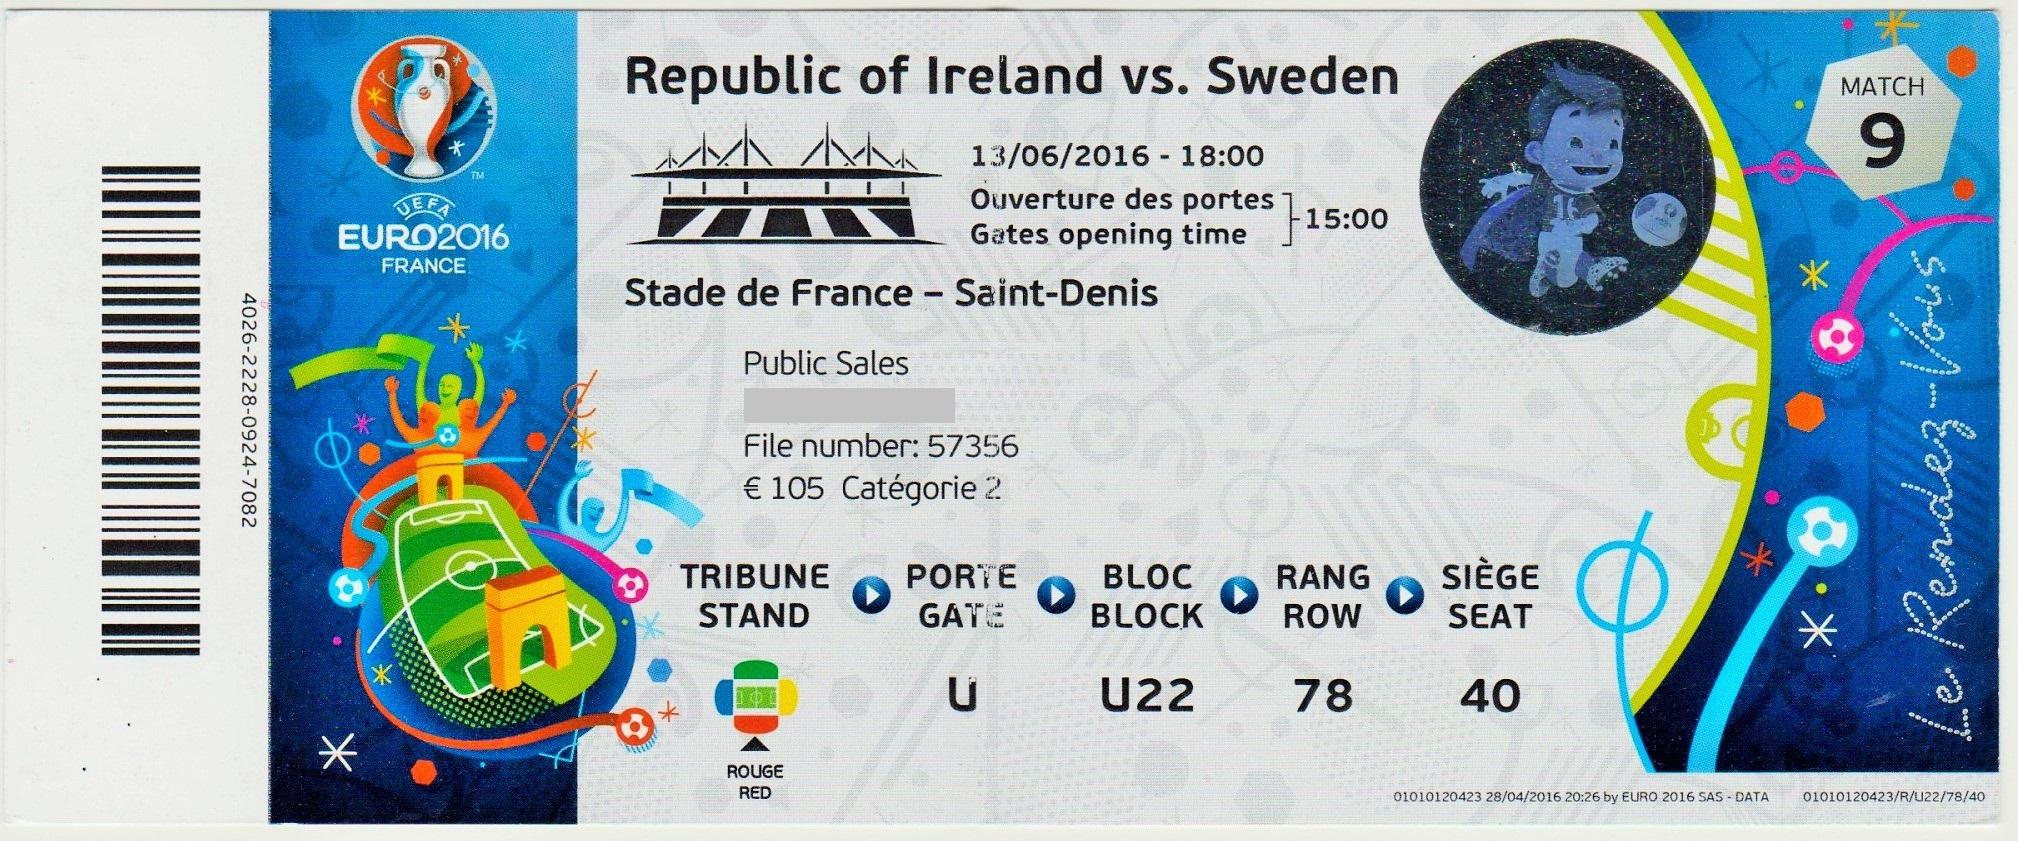 13/06/2016 St Denis : Rep. Irlande  1 - 1  Suède  > Hoolahan  (Irl) --  Clark -csc- (Sue)